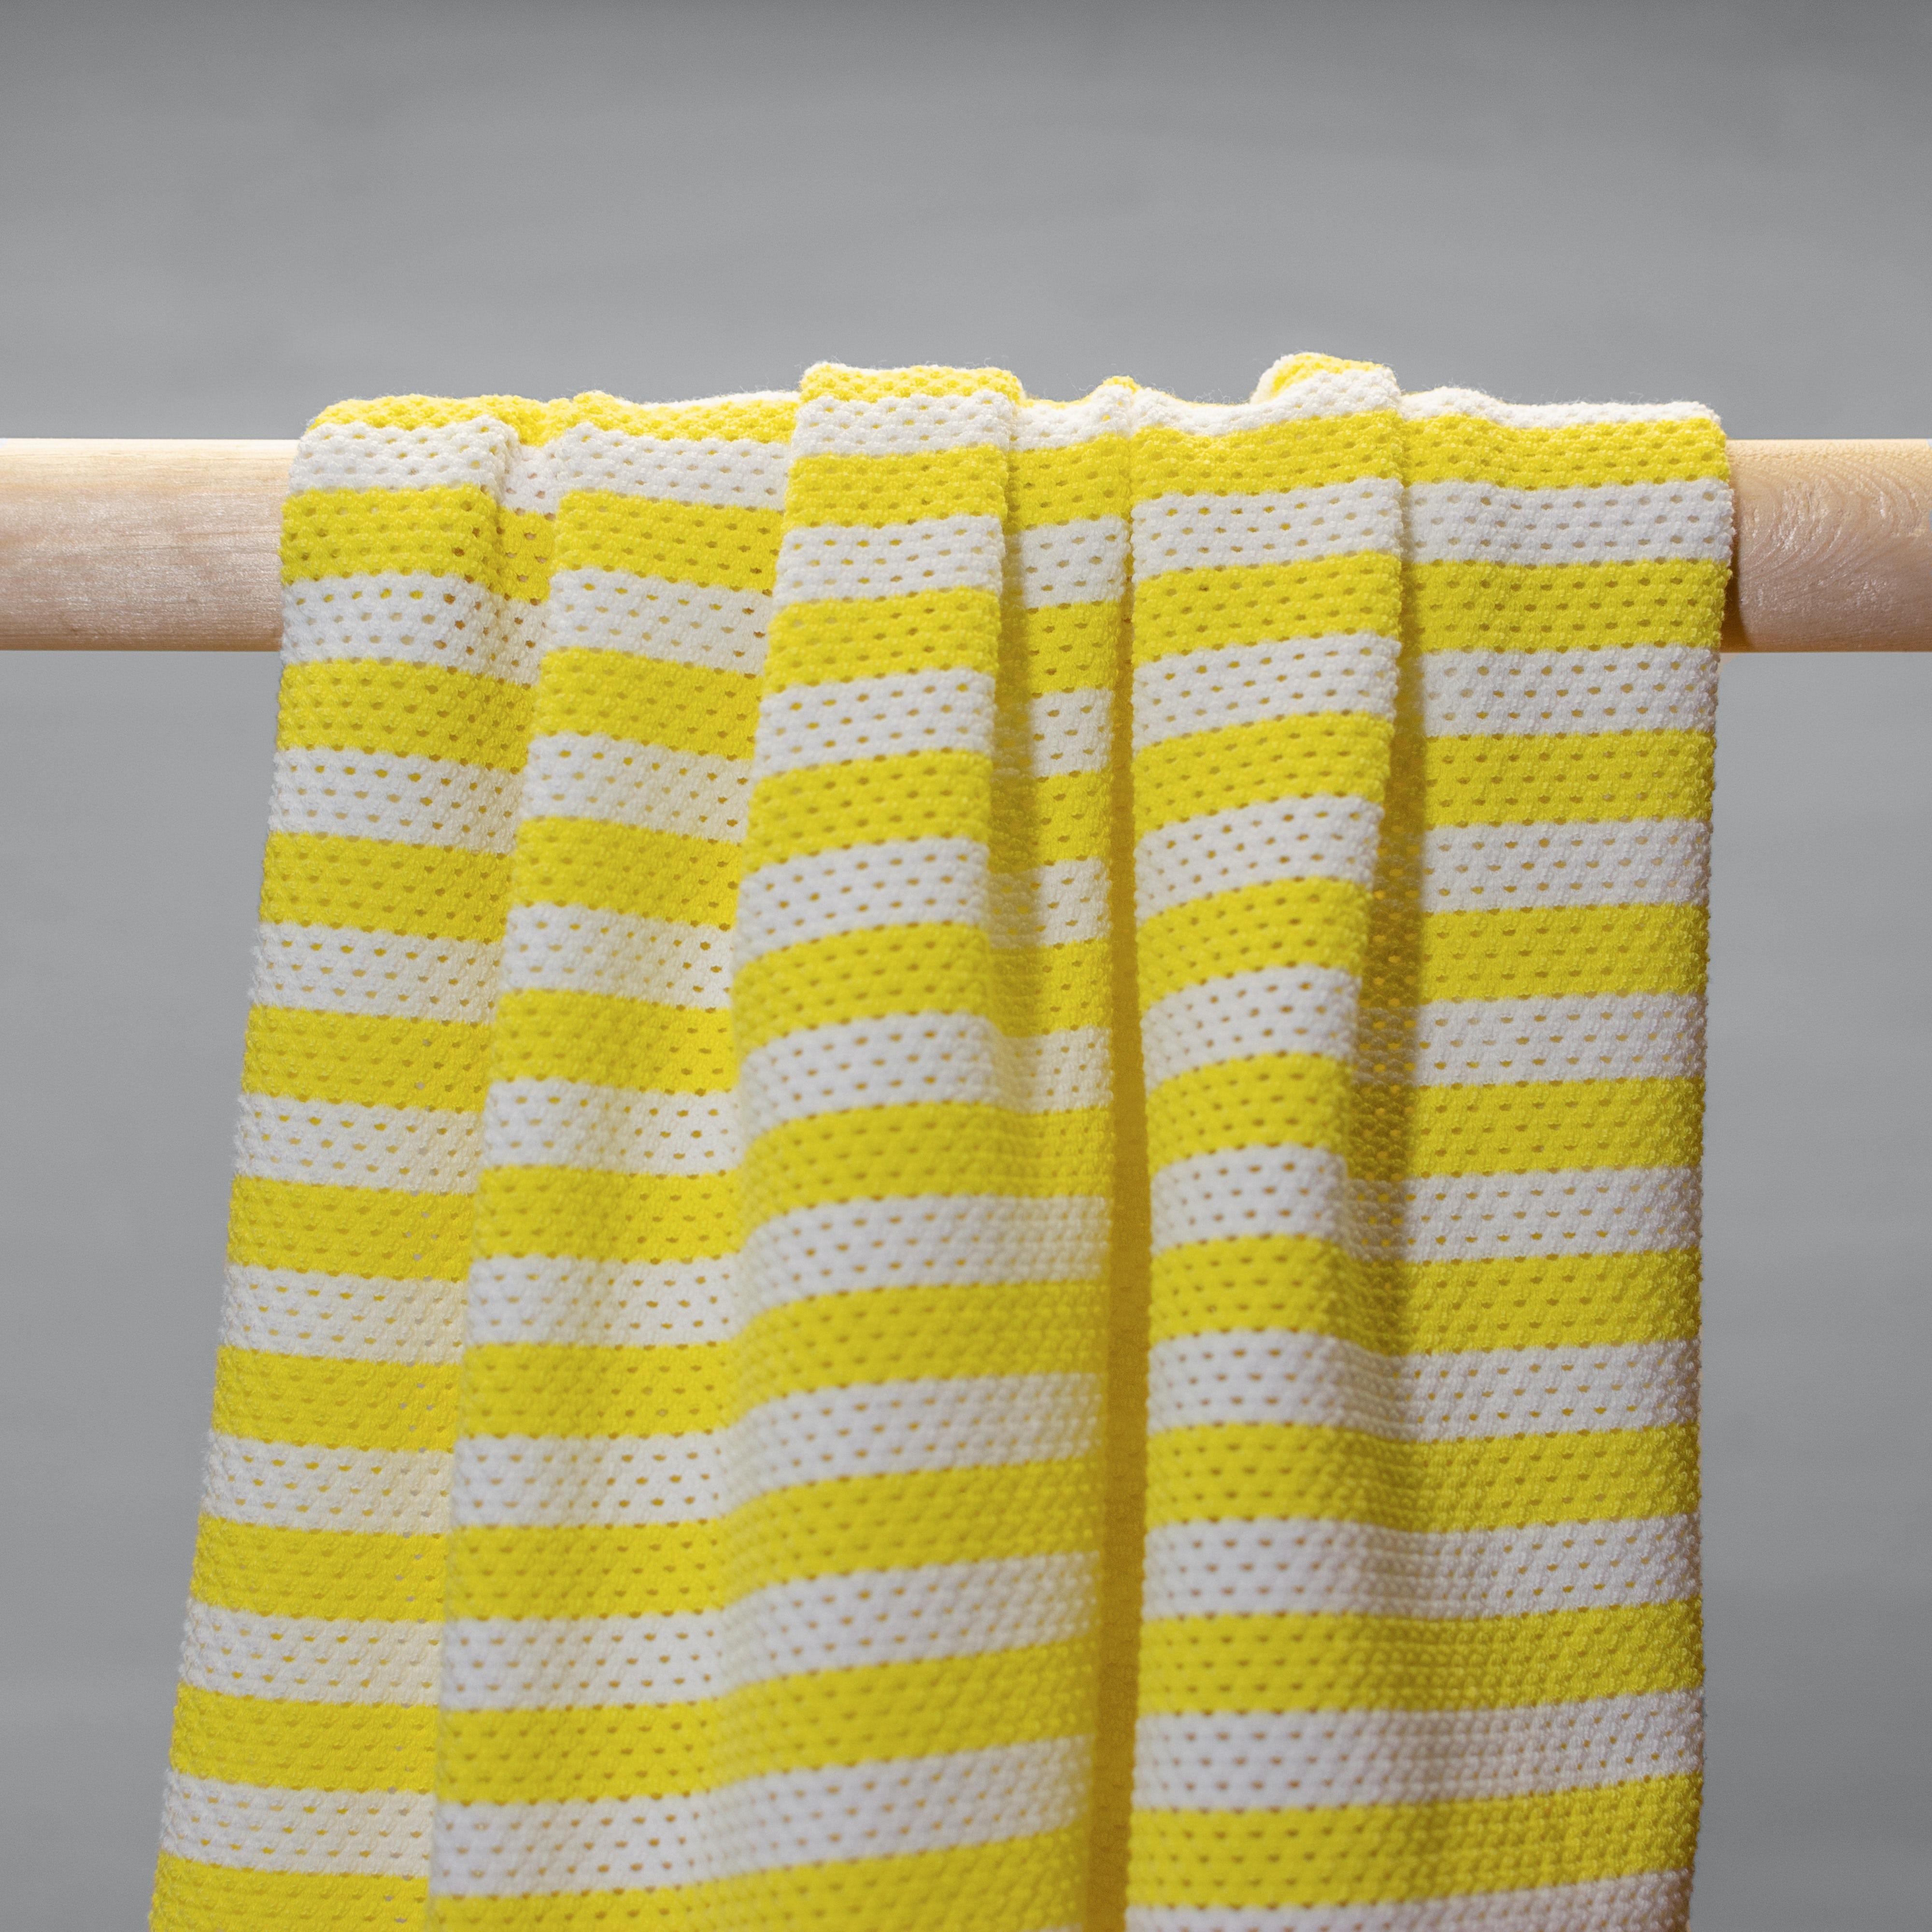 Mesh Stoff gelb weiß gestreift hängend in Falten.